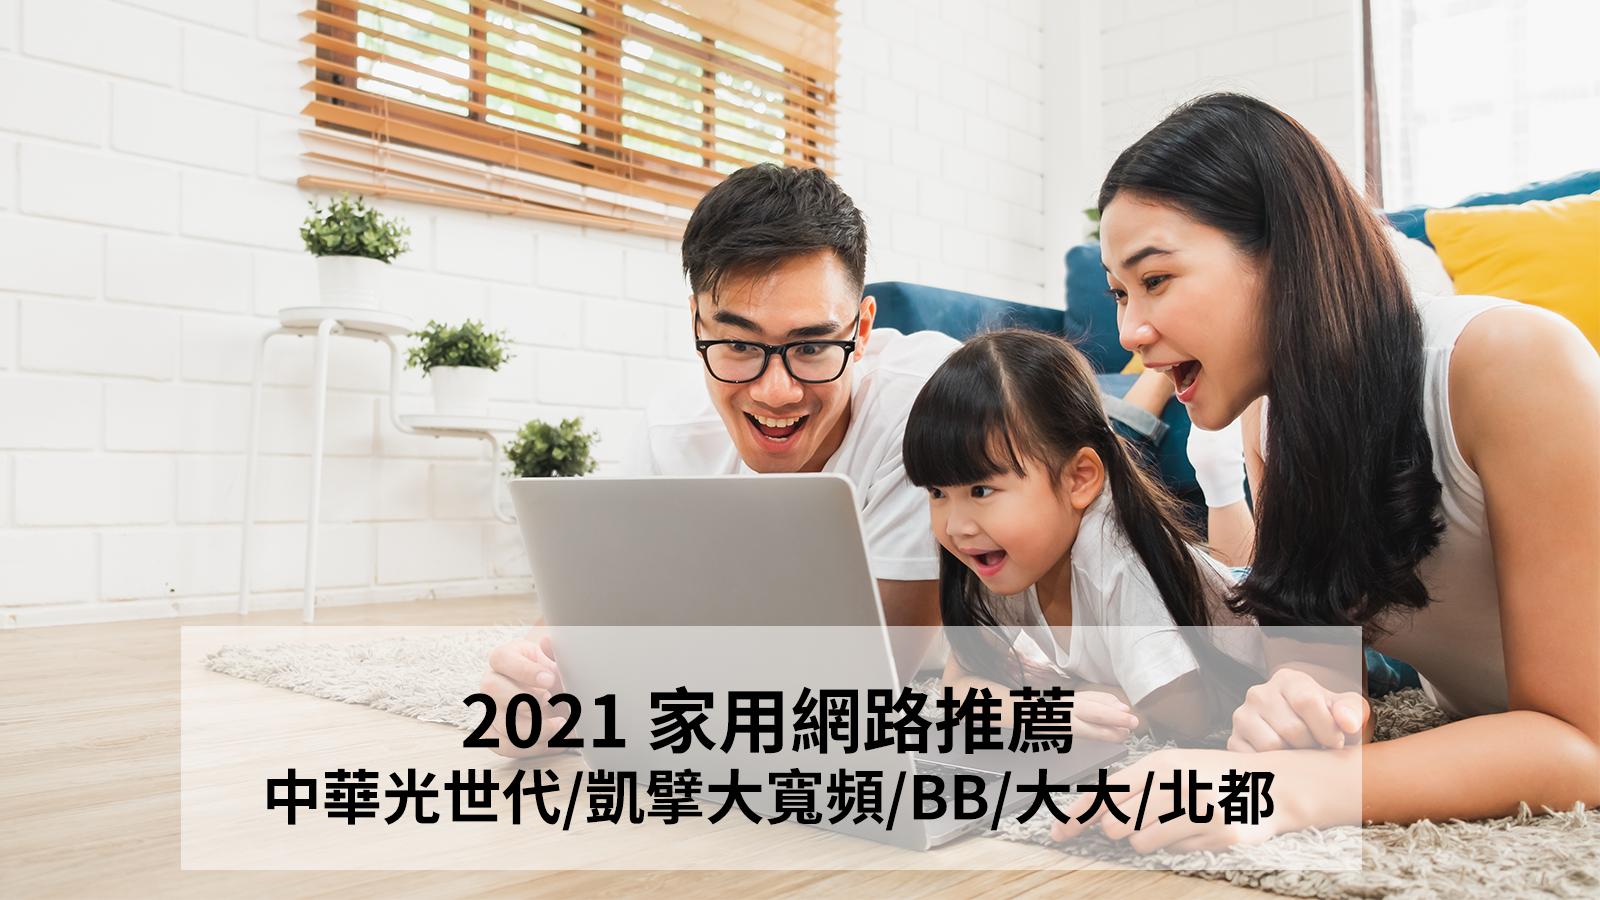 照片中提到了2021 家用網路推薦、中華光世代/凱擎大寬頻/BB/大大/北都,包含了筆記本電腦、筆記本電腦、電腦、互聯網、家庭